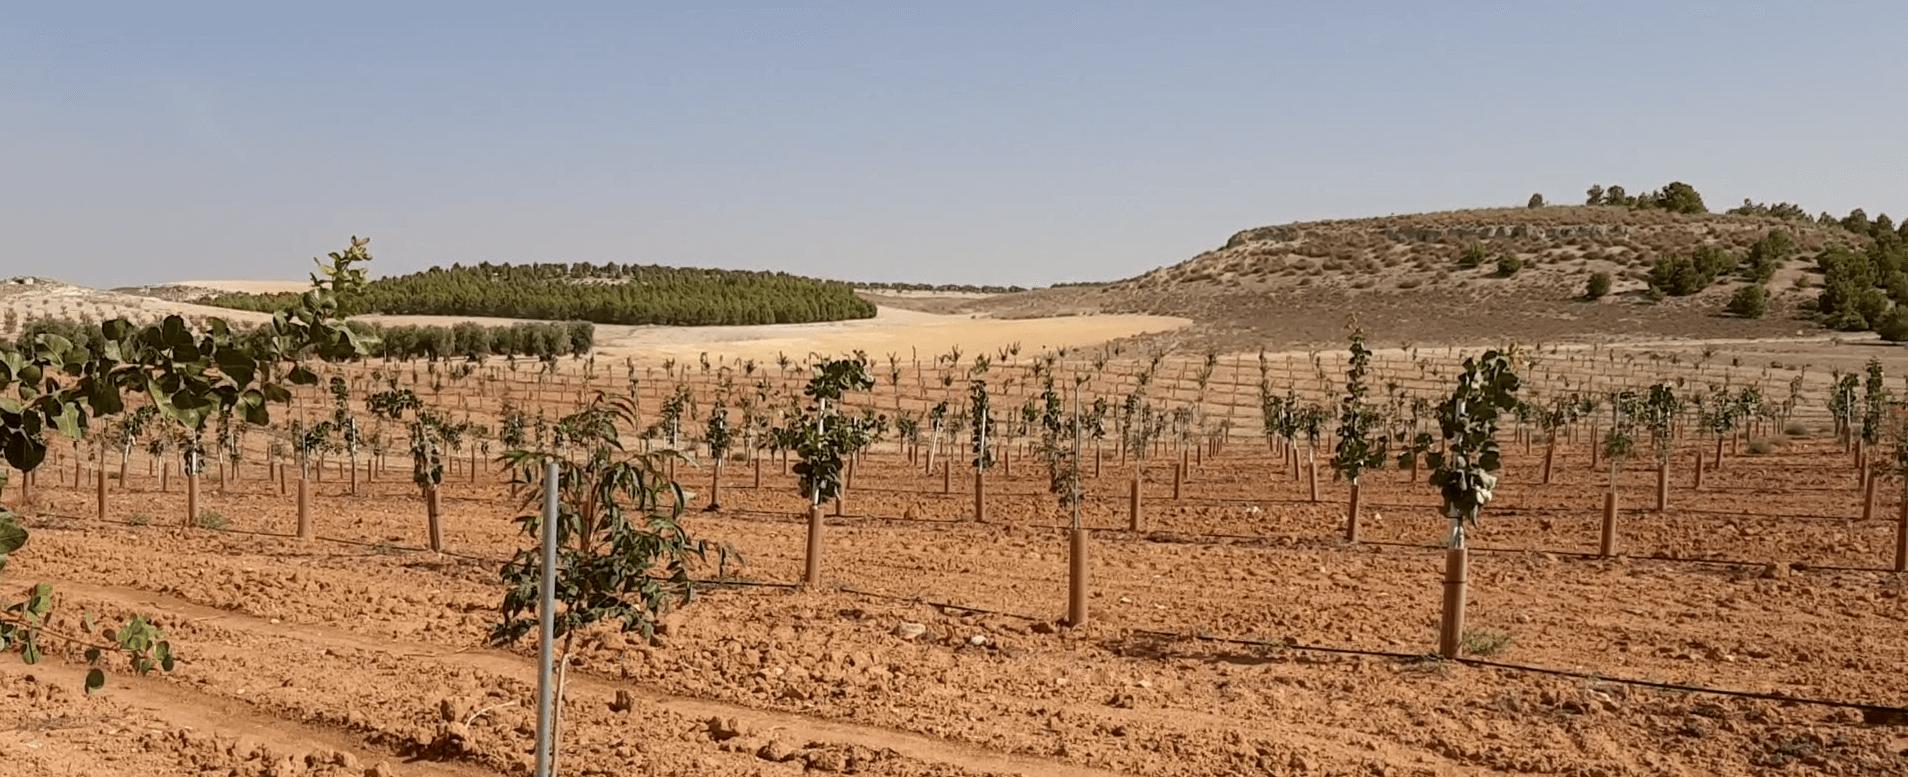 eOrchard Case Study optimize pistachio production